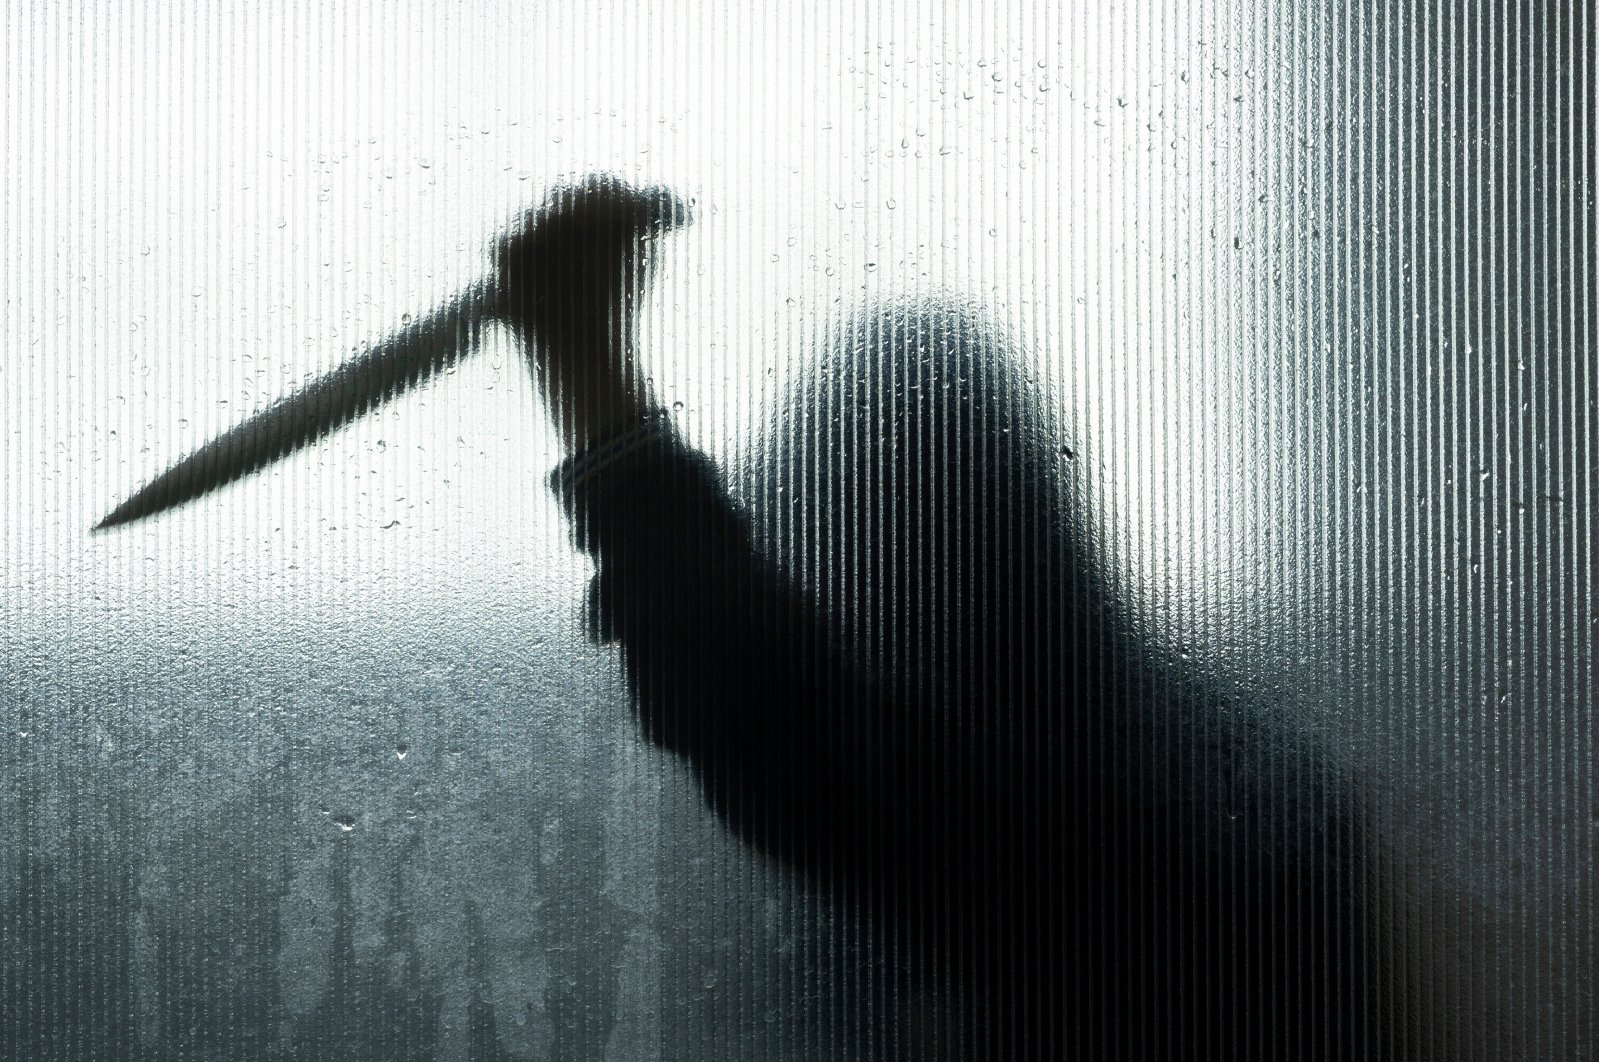 وقتی چاقو دسته خود را میبرد؛ حکایت قتلهای خانوادگی